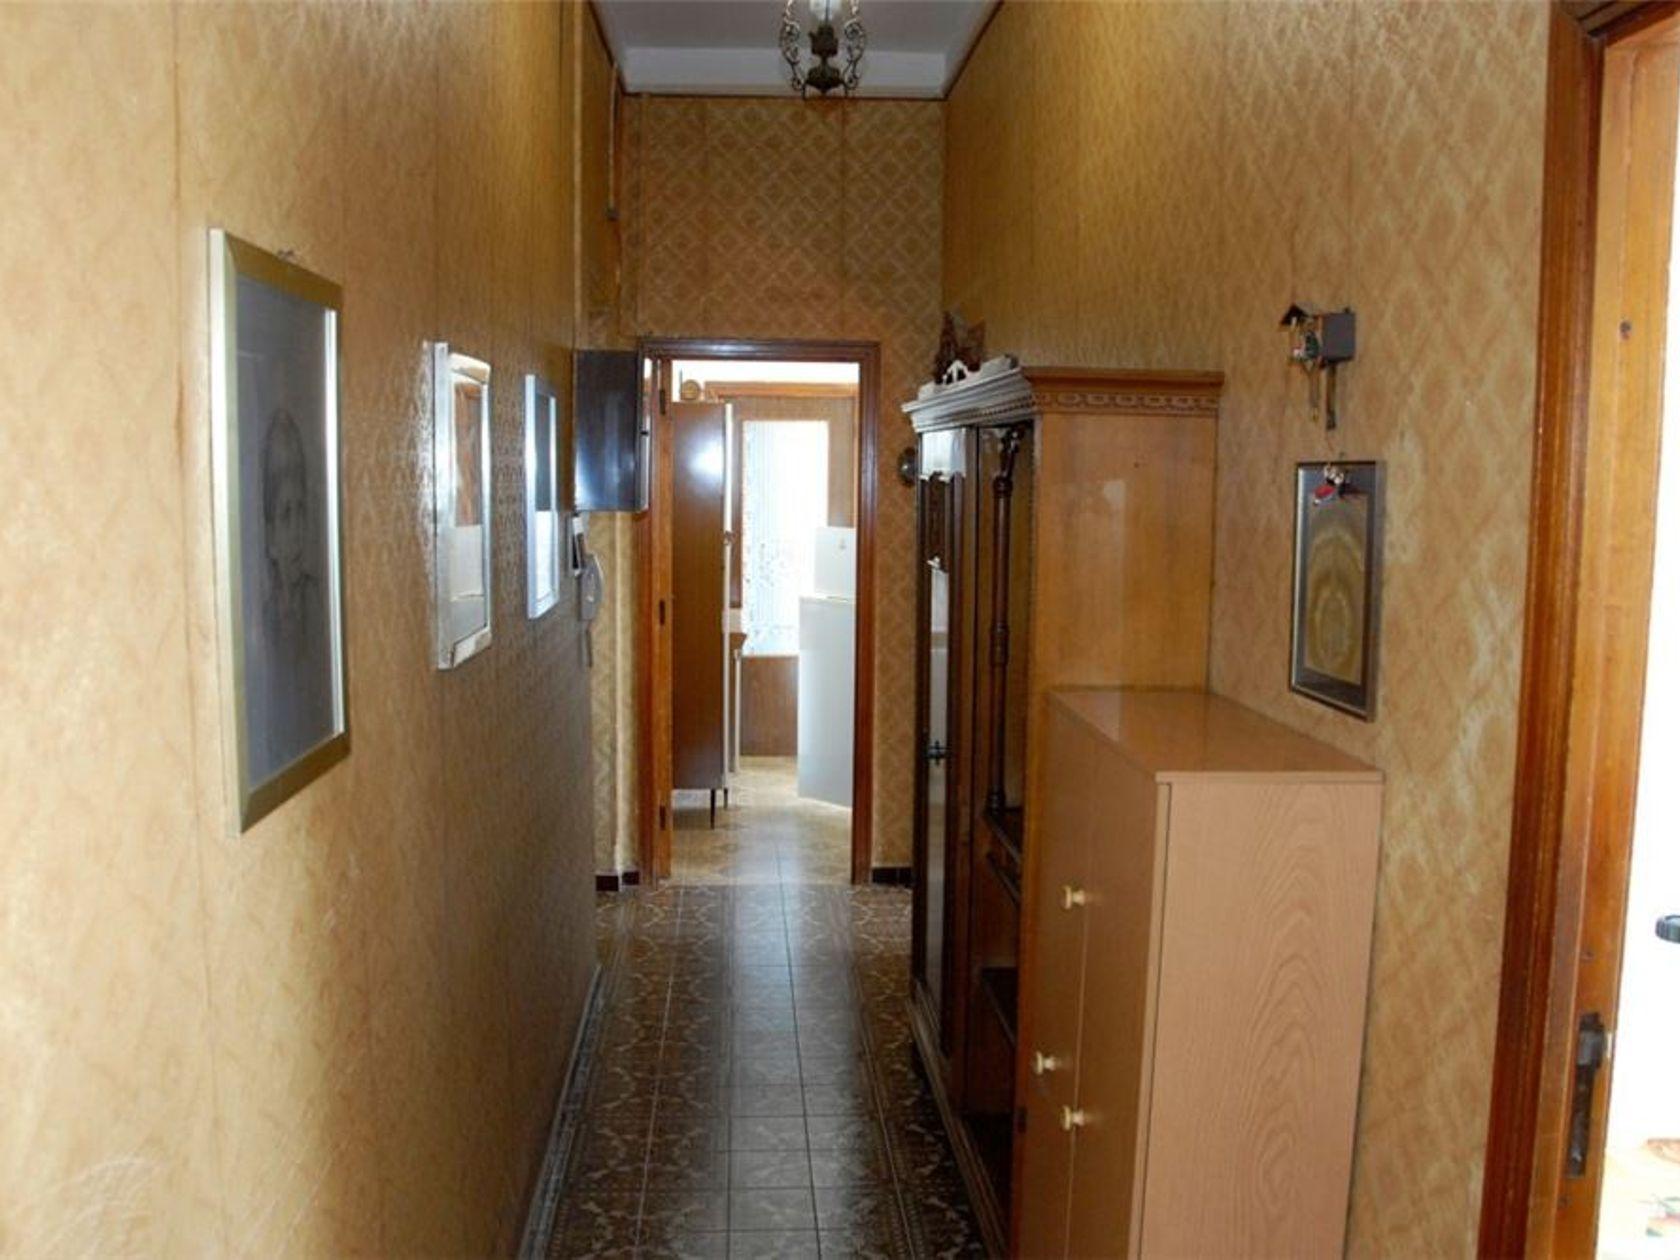 Appartamento Cagliari-punici-merello, Cagliari, CA Vendita - Foto 14